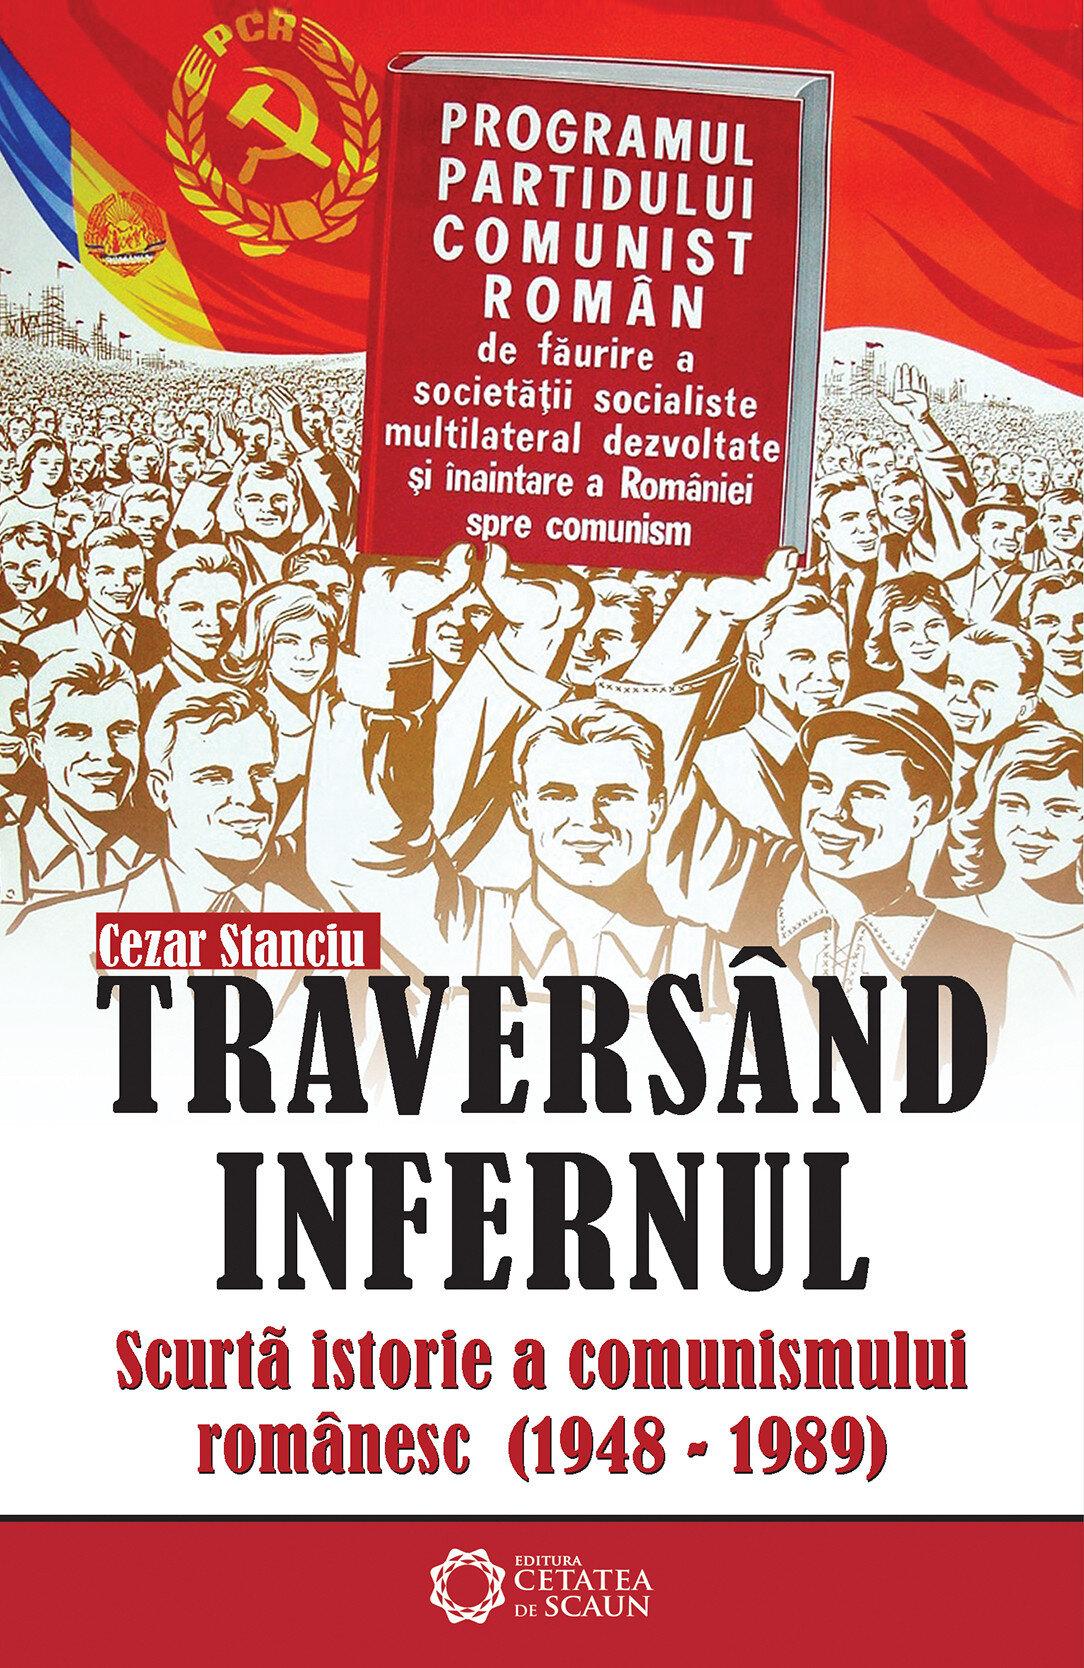 Traversand infernul. Scurta istorie a comunismului romanesc. 1948-1989 (eBook)